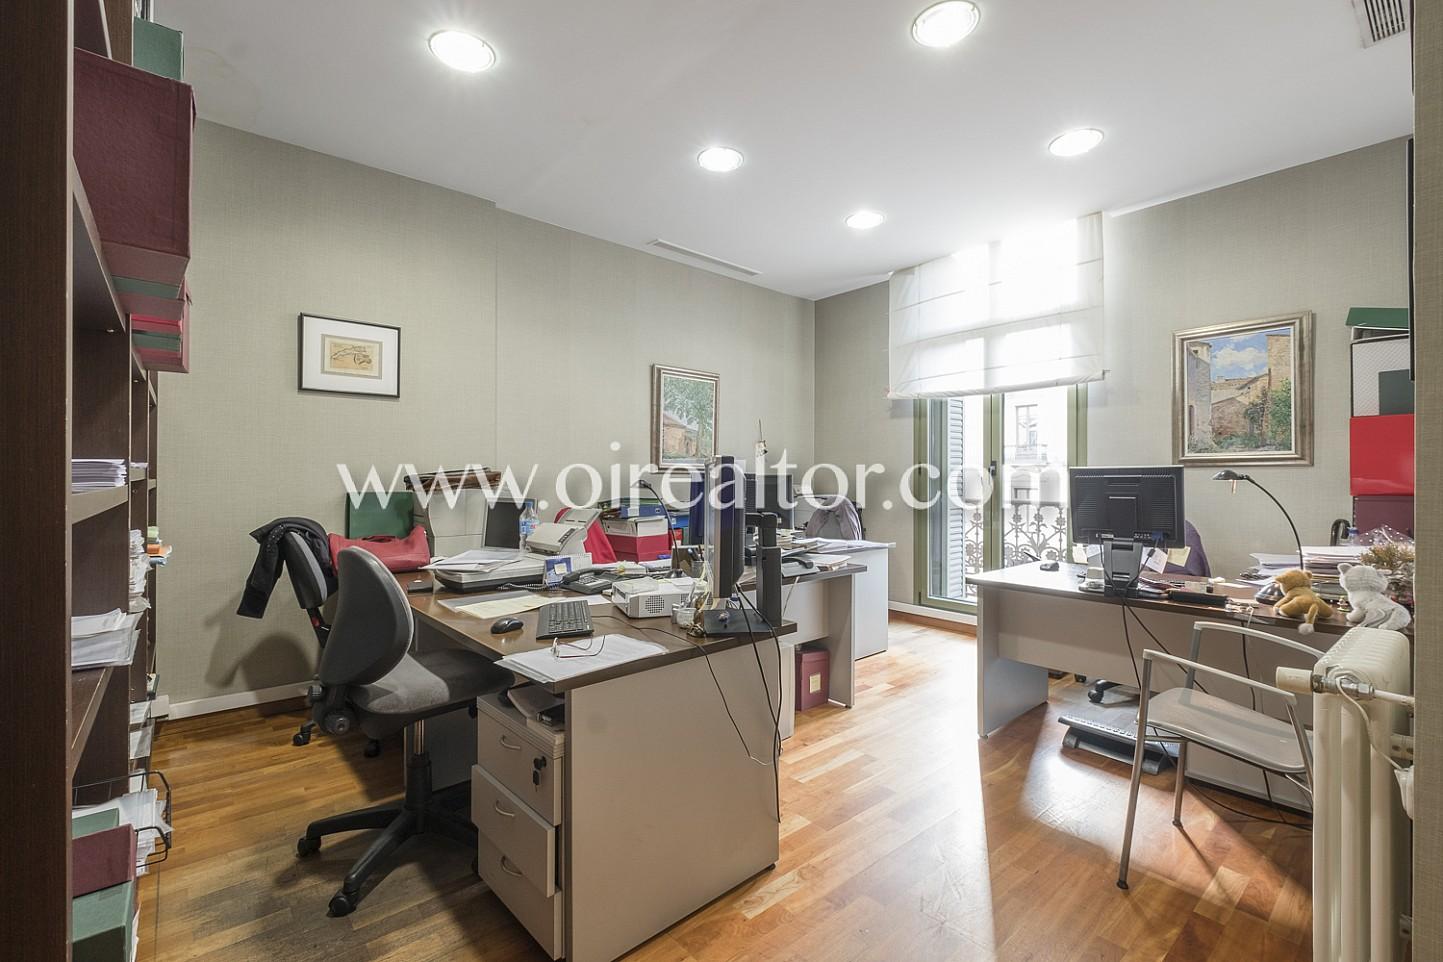 oficina, escritorio, escritorios, ventana, parquet,